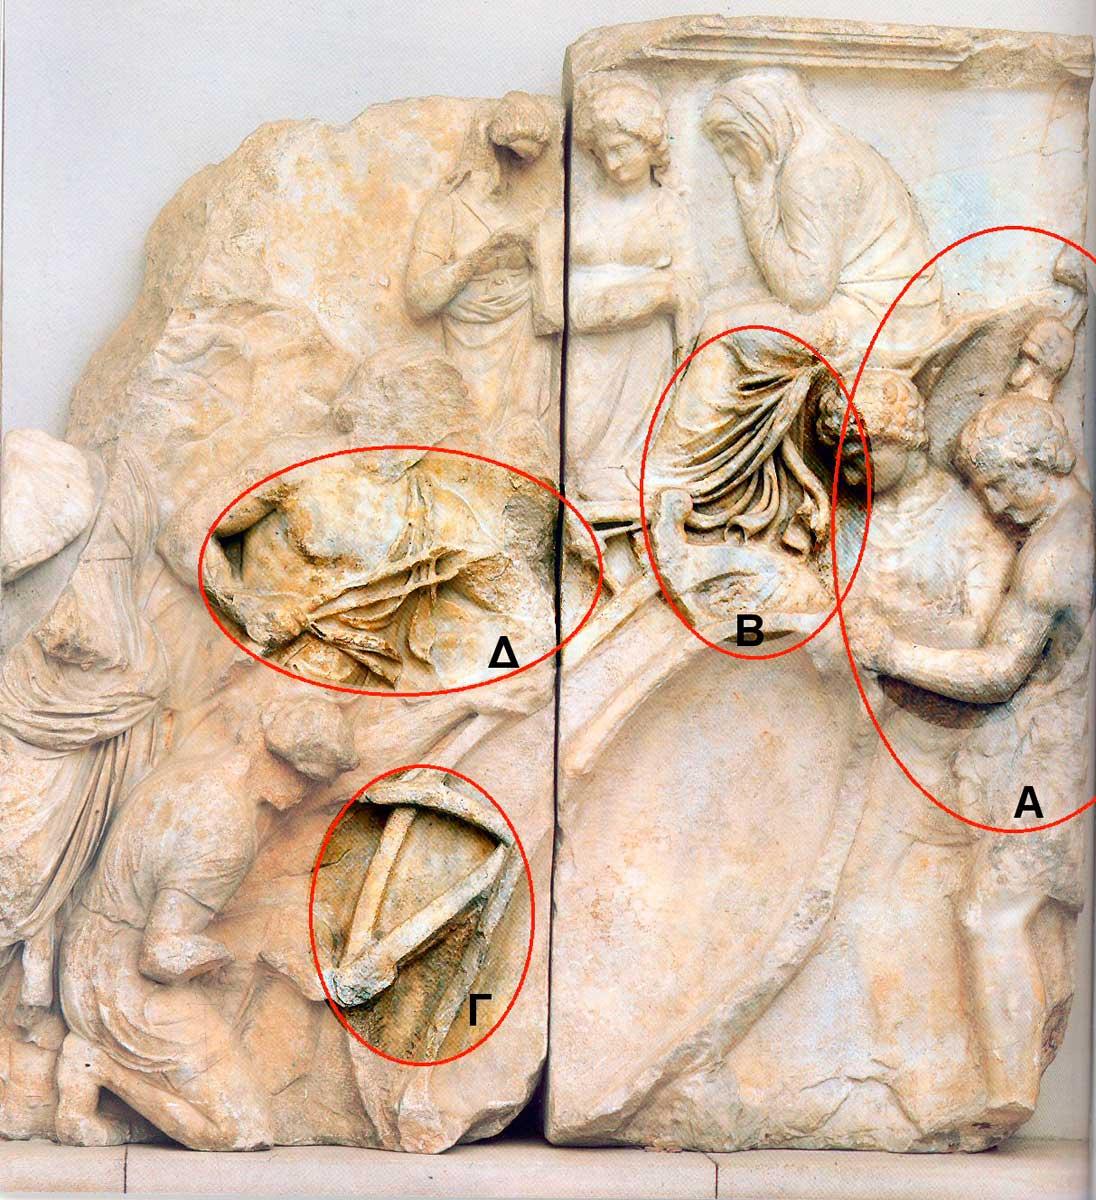 Εικ. 3. Απεικόνιση κατασκευής της βάρκας της Αυγής στη ζωφόρο του Τηλέφου από τον βωμό της Περγάμου (Pollit 1986, σ. 203, εικ. 216).